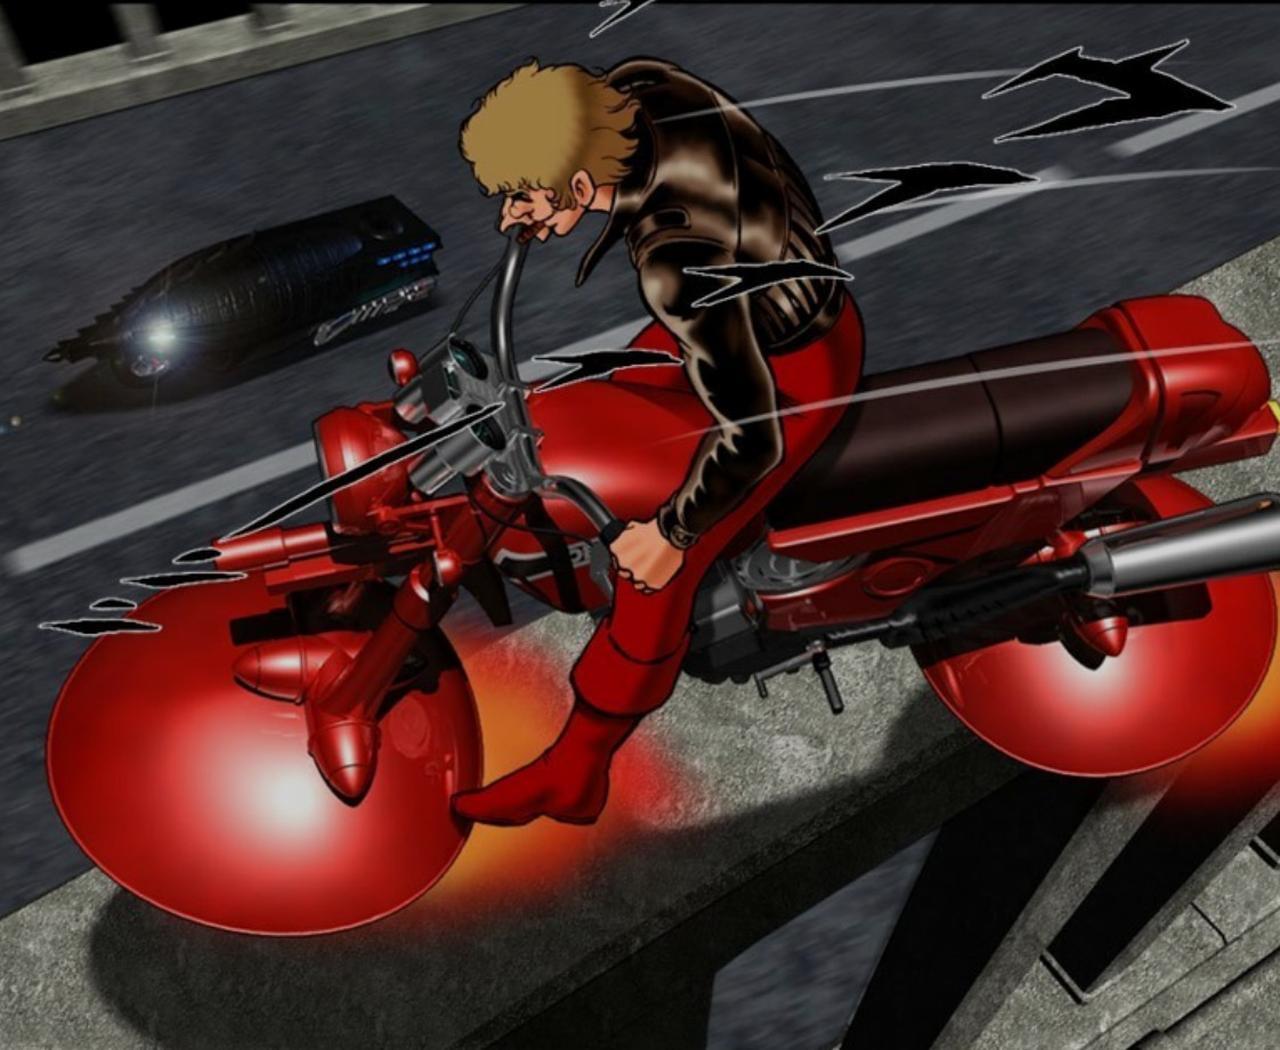 画像: コブラとしてば、このエアーバイクのイメージが強いです。エアーバイクで単騎 敵軍に突っ込む姿、そしてゆっくり左腕を外して、サイコガンを構える姿。かっこよすぎなんです。